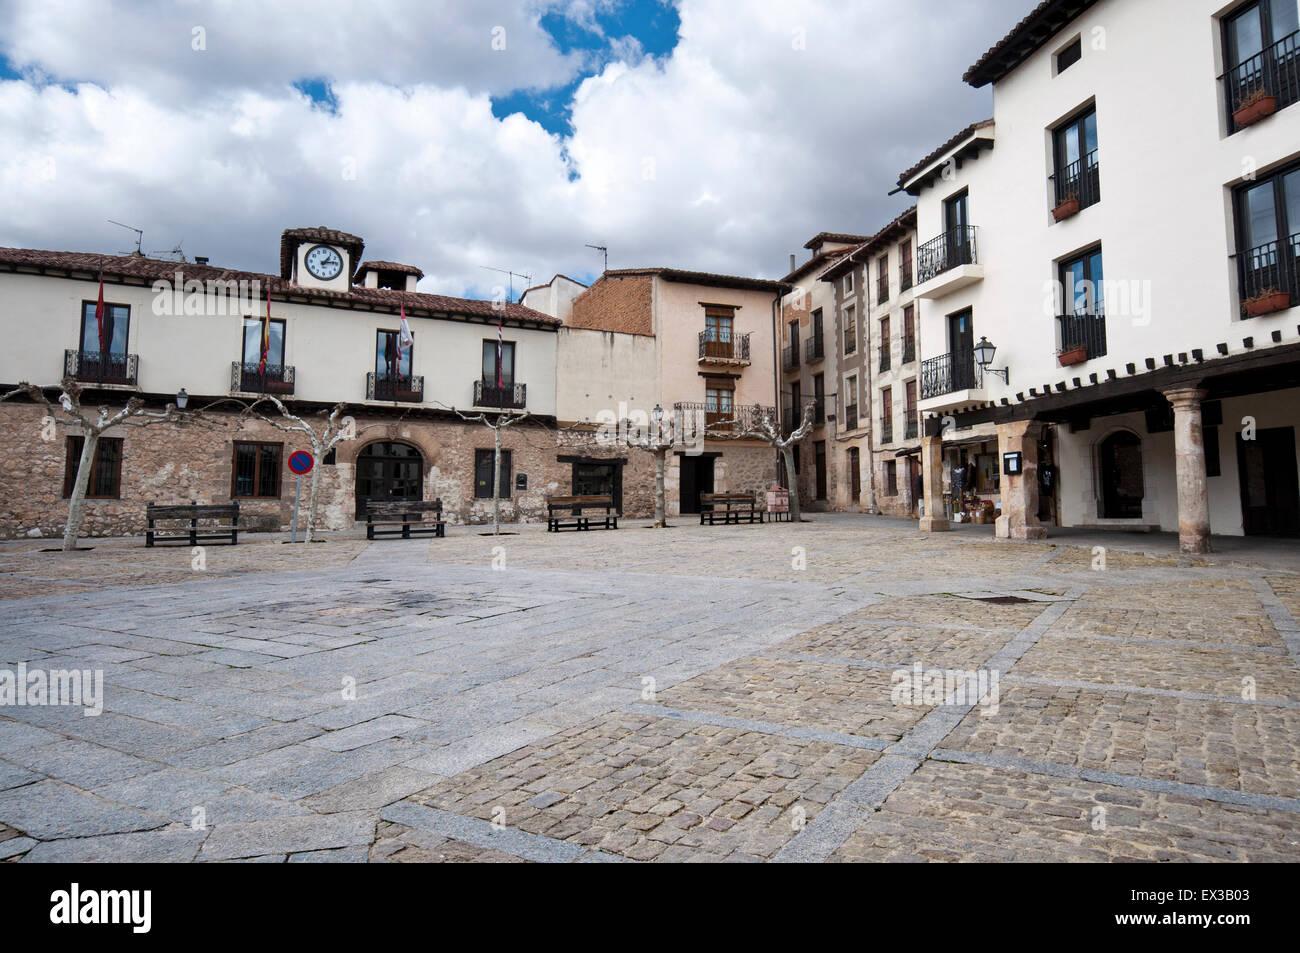 Main square of Covarrubias, Burgos Province, Spain - Stock Image